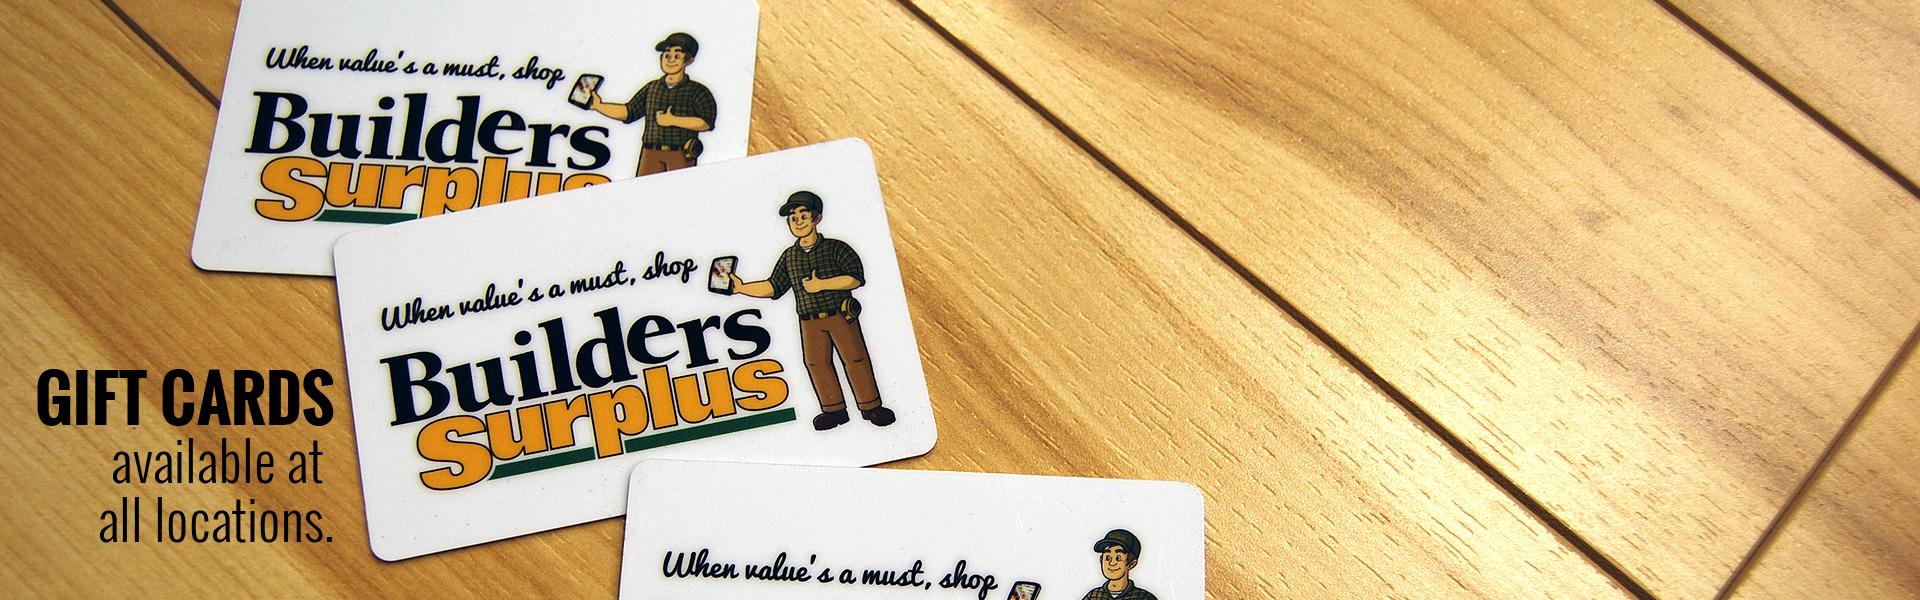 Builders Surplus Gift Cards